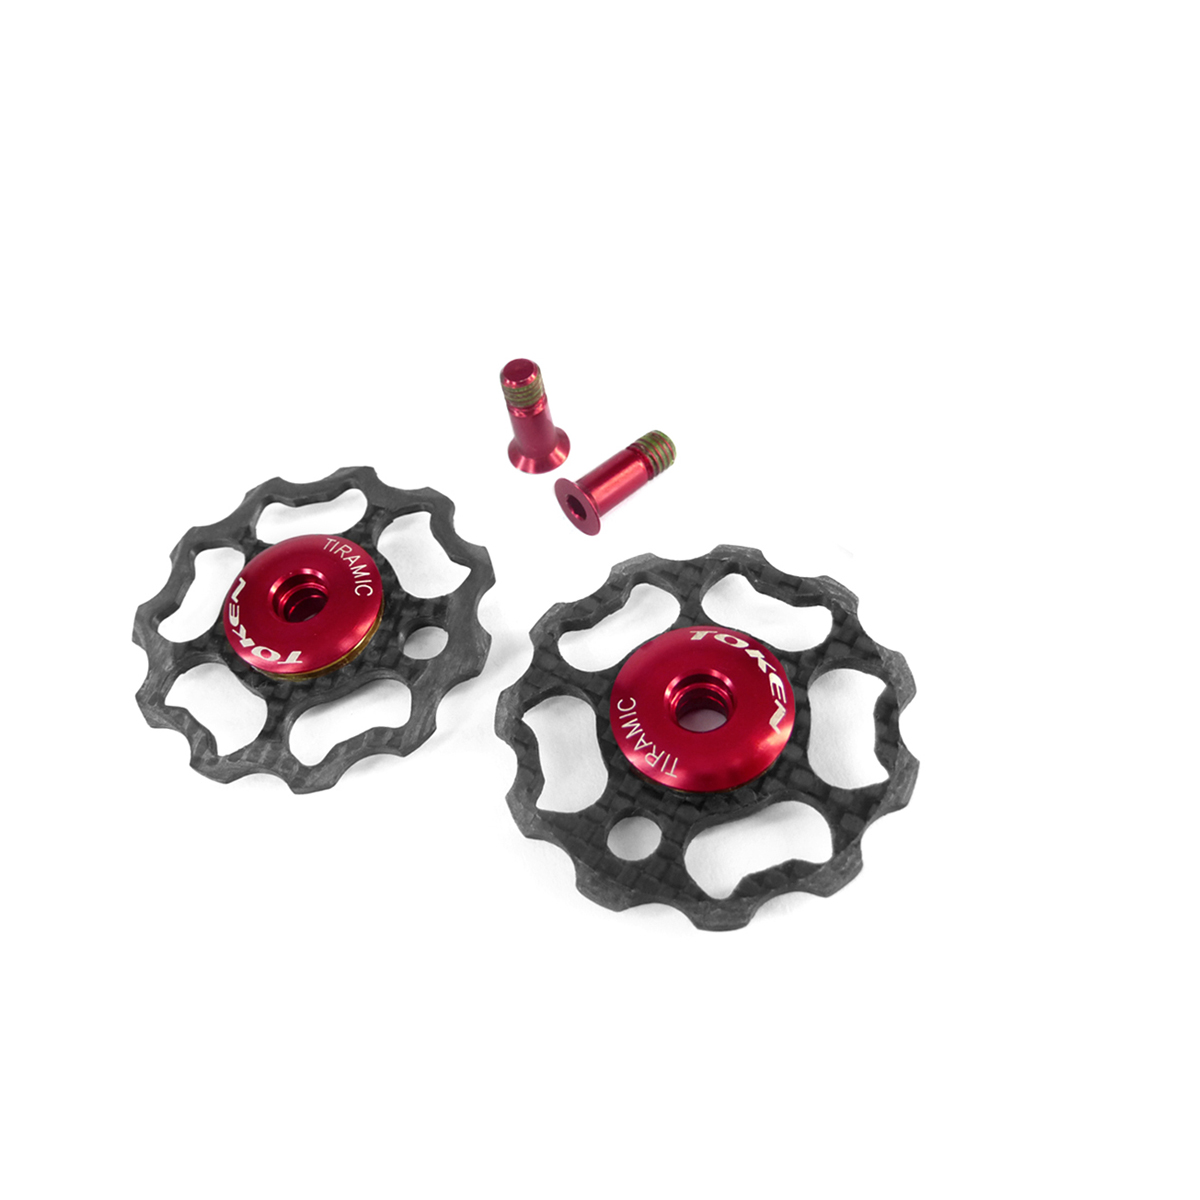 Galets de dérailleur Token 11 dents carbone comp. Shimano roulements céramique Noir/Rouge